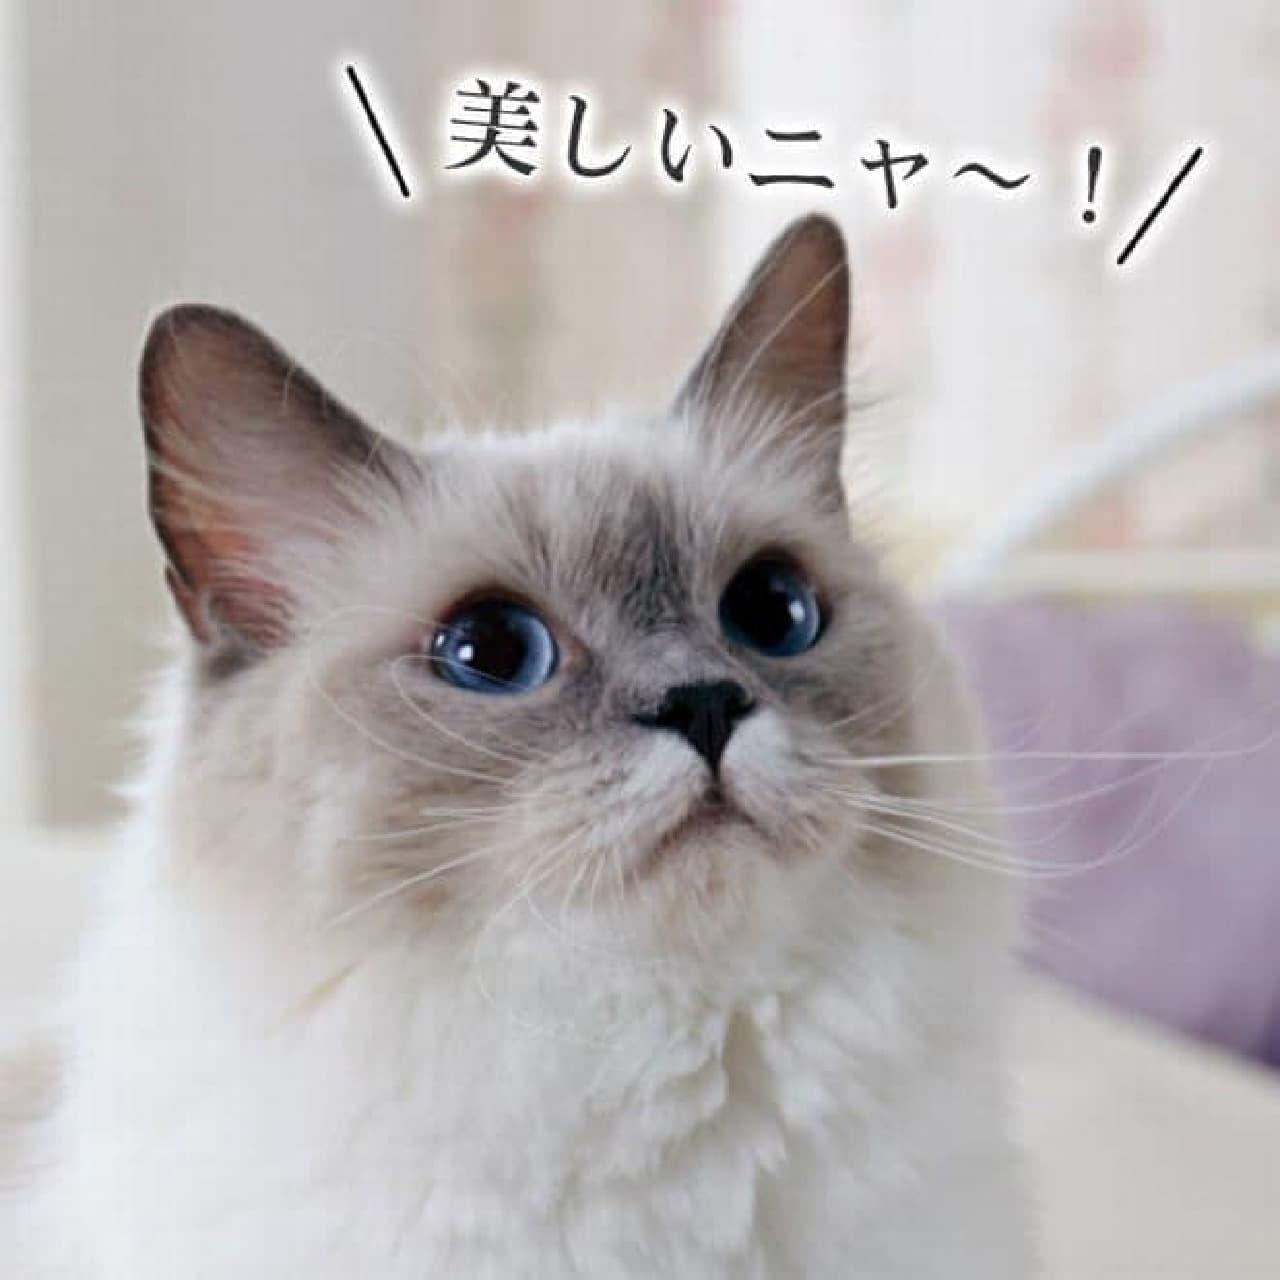 違いがわかる、ネコ向けのタワー(?)